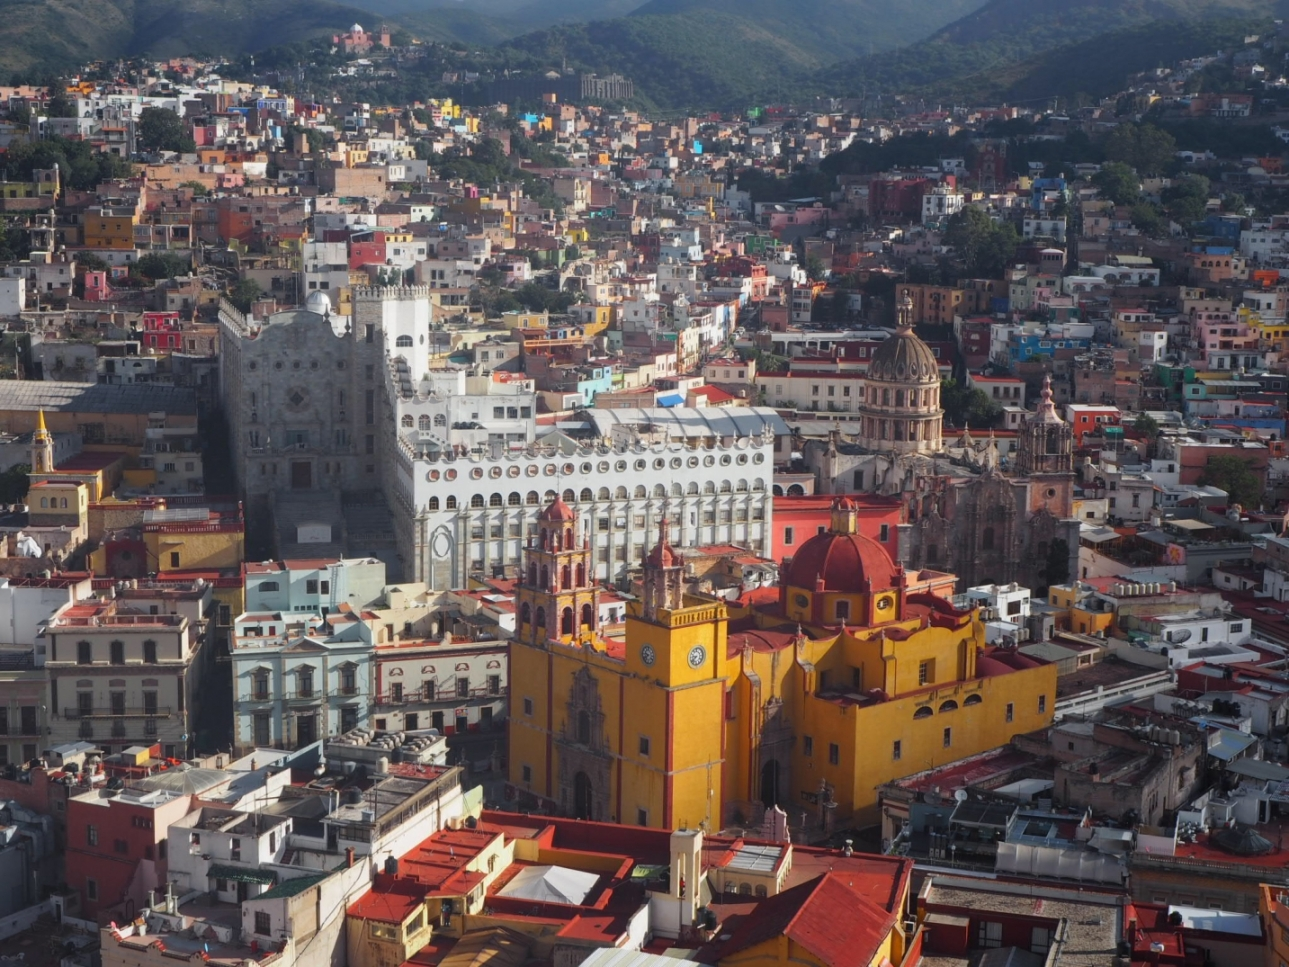 メキシコ1美しい町!グアナファトで街歩き